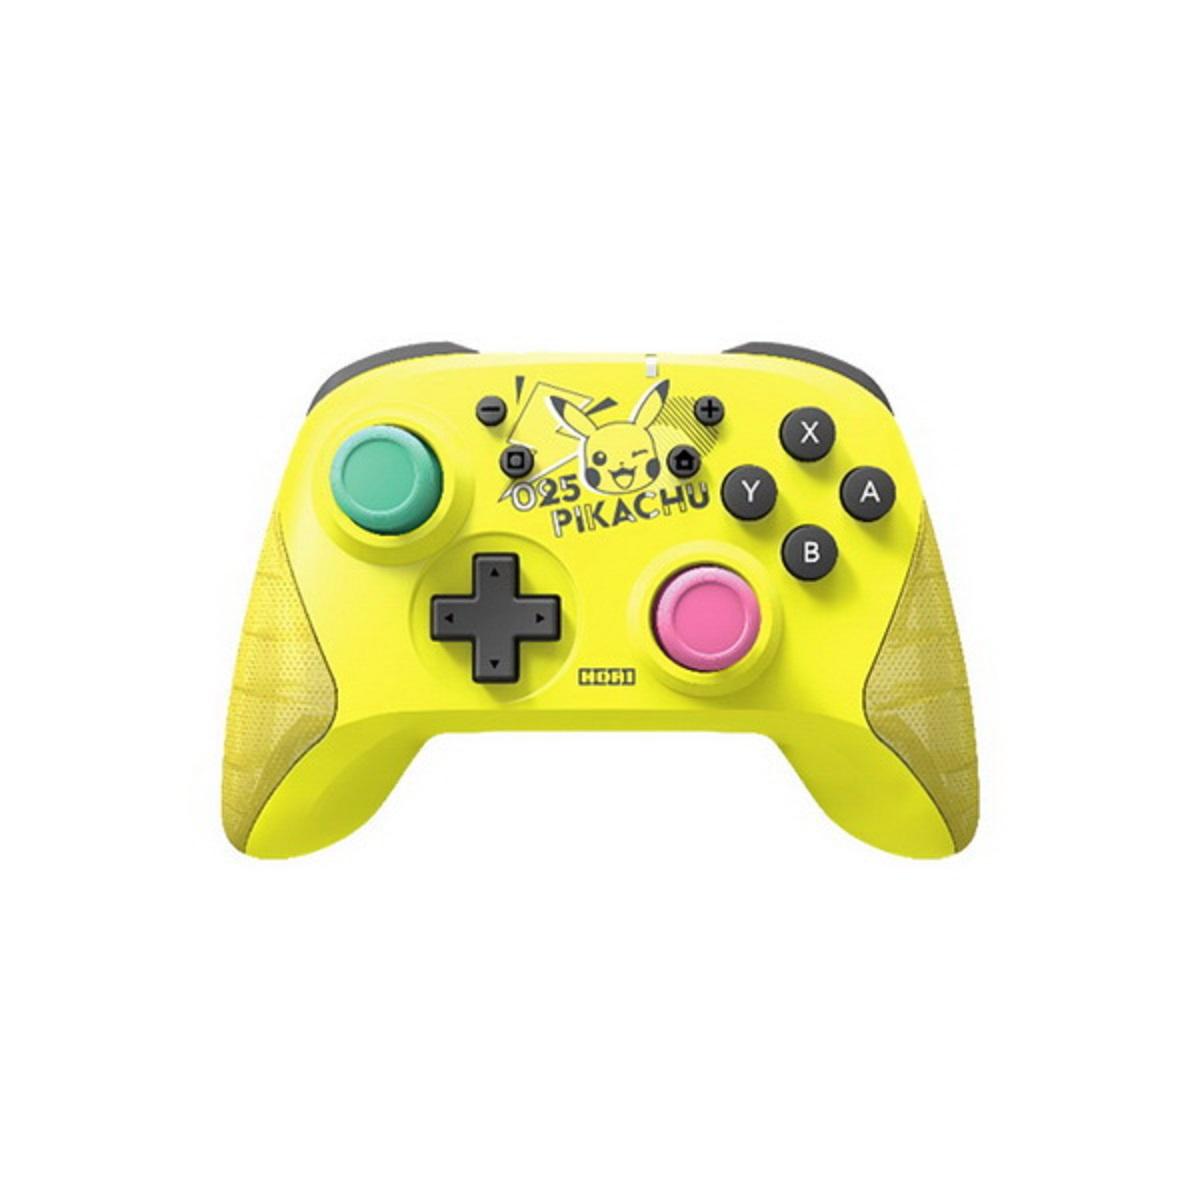 เกมคอนโทรลเลอร์ (สีเหลือง) รุ่น WIRELESS PIKACHU POP